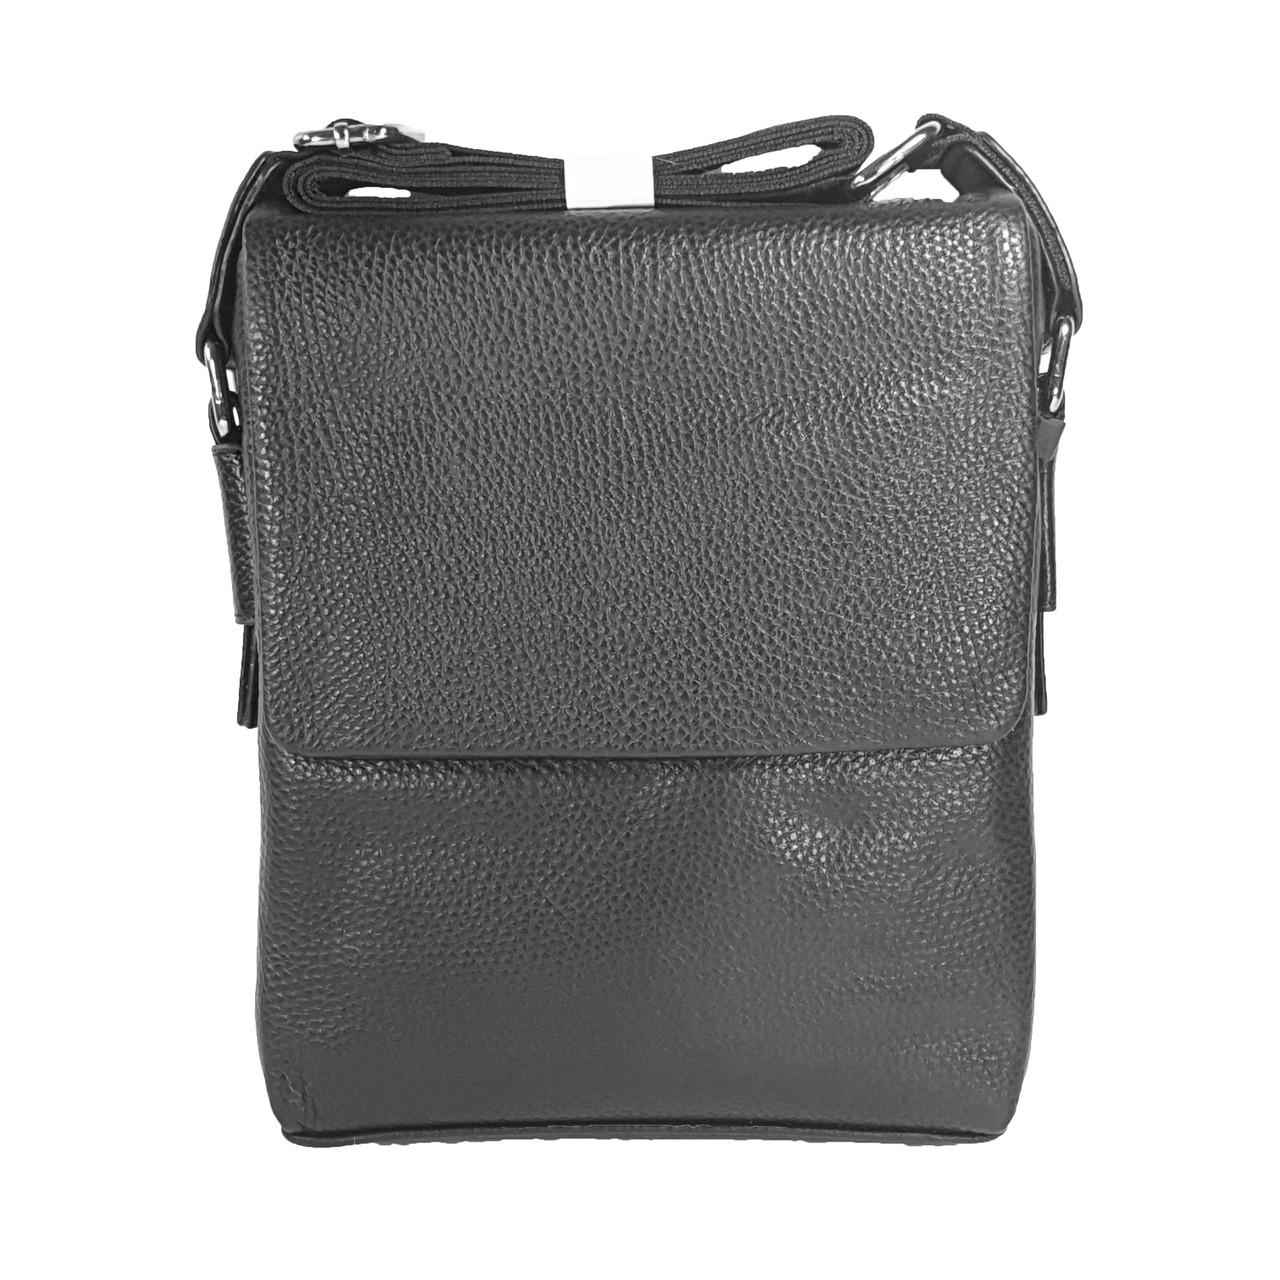 Мужская сумка из натуральной кожи с клапаном, средняя